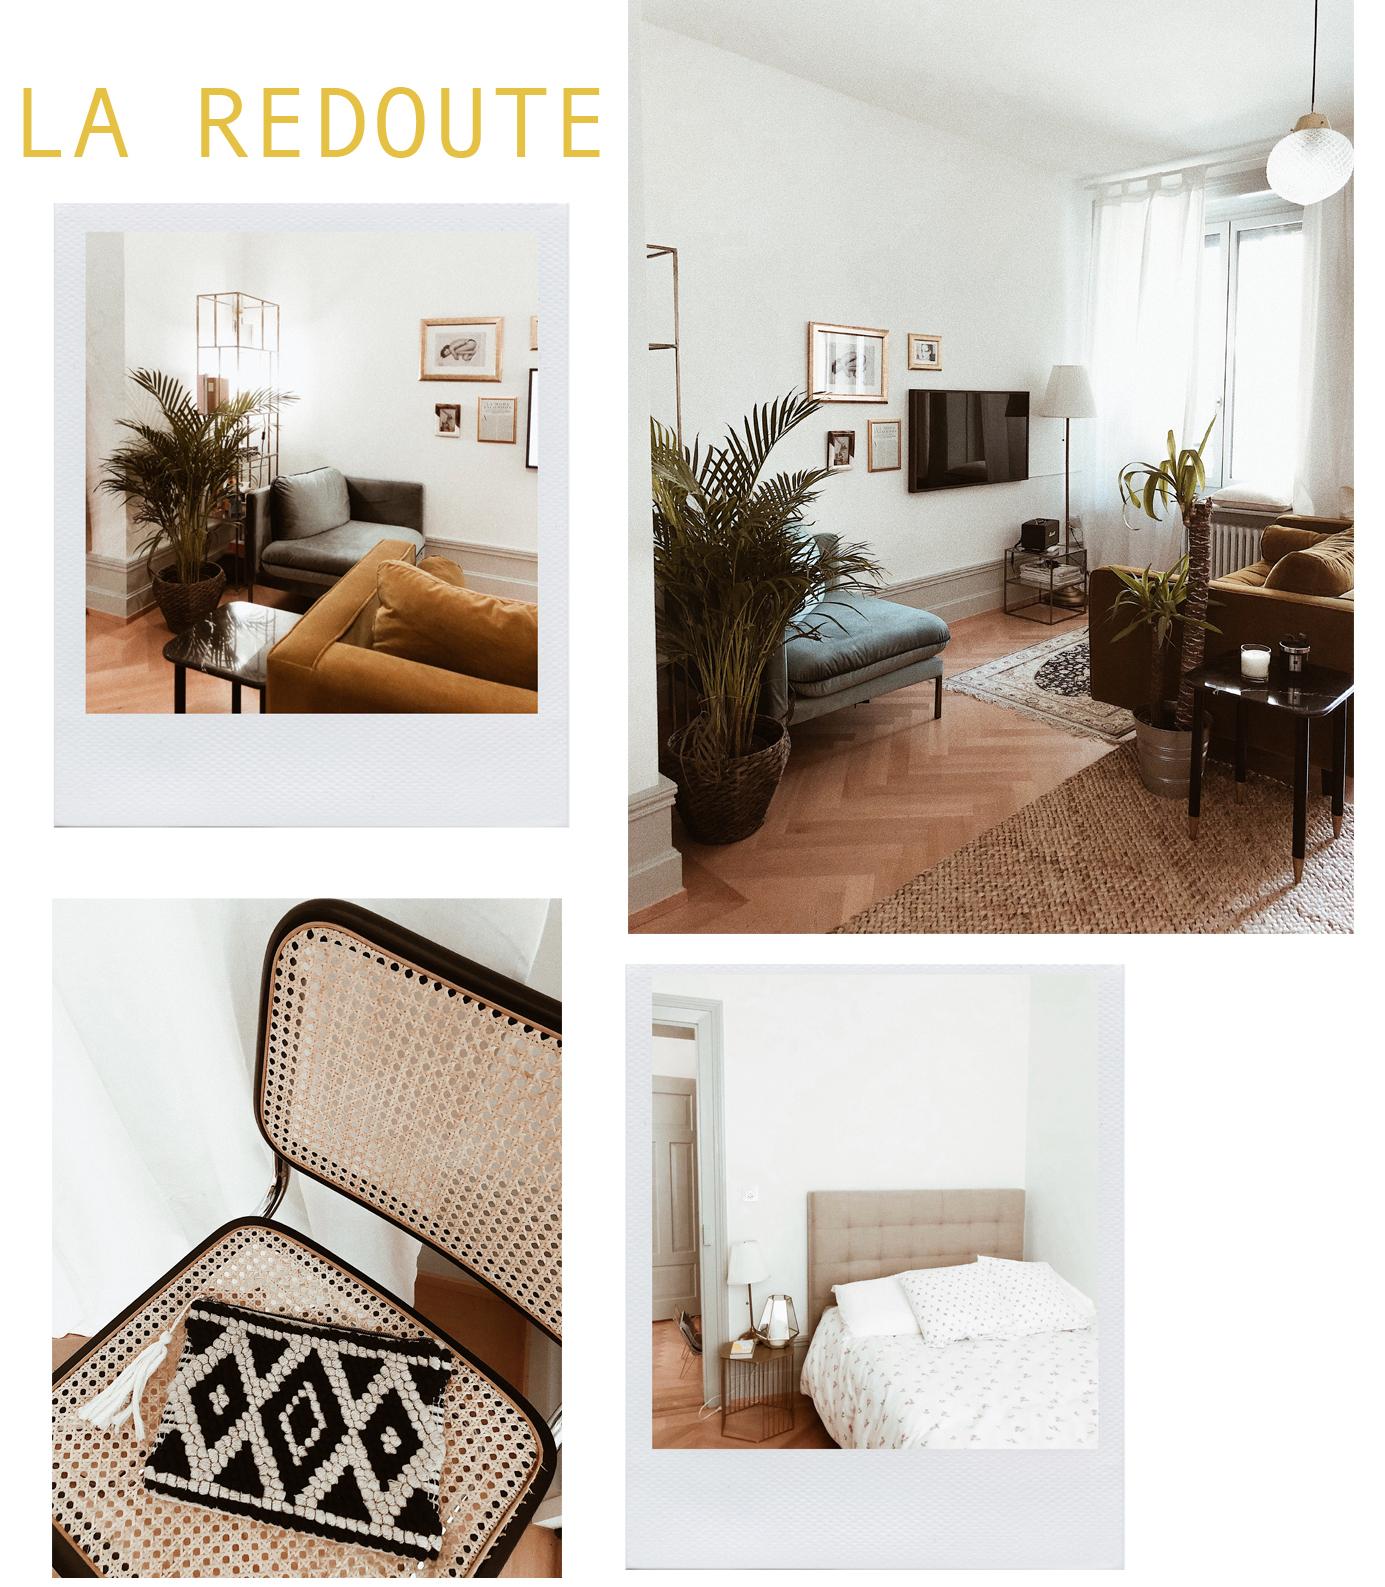 LA-REDOUTE-1-.jpg